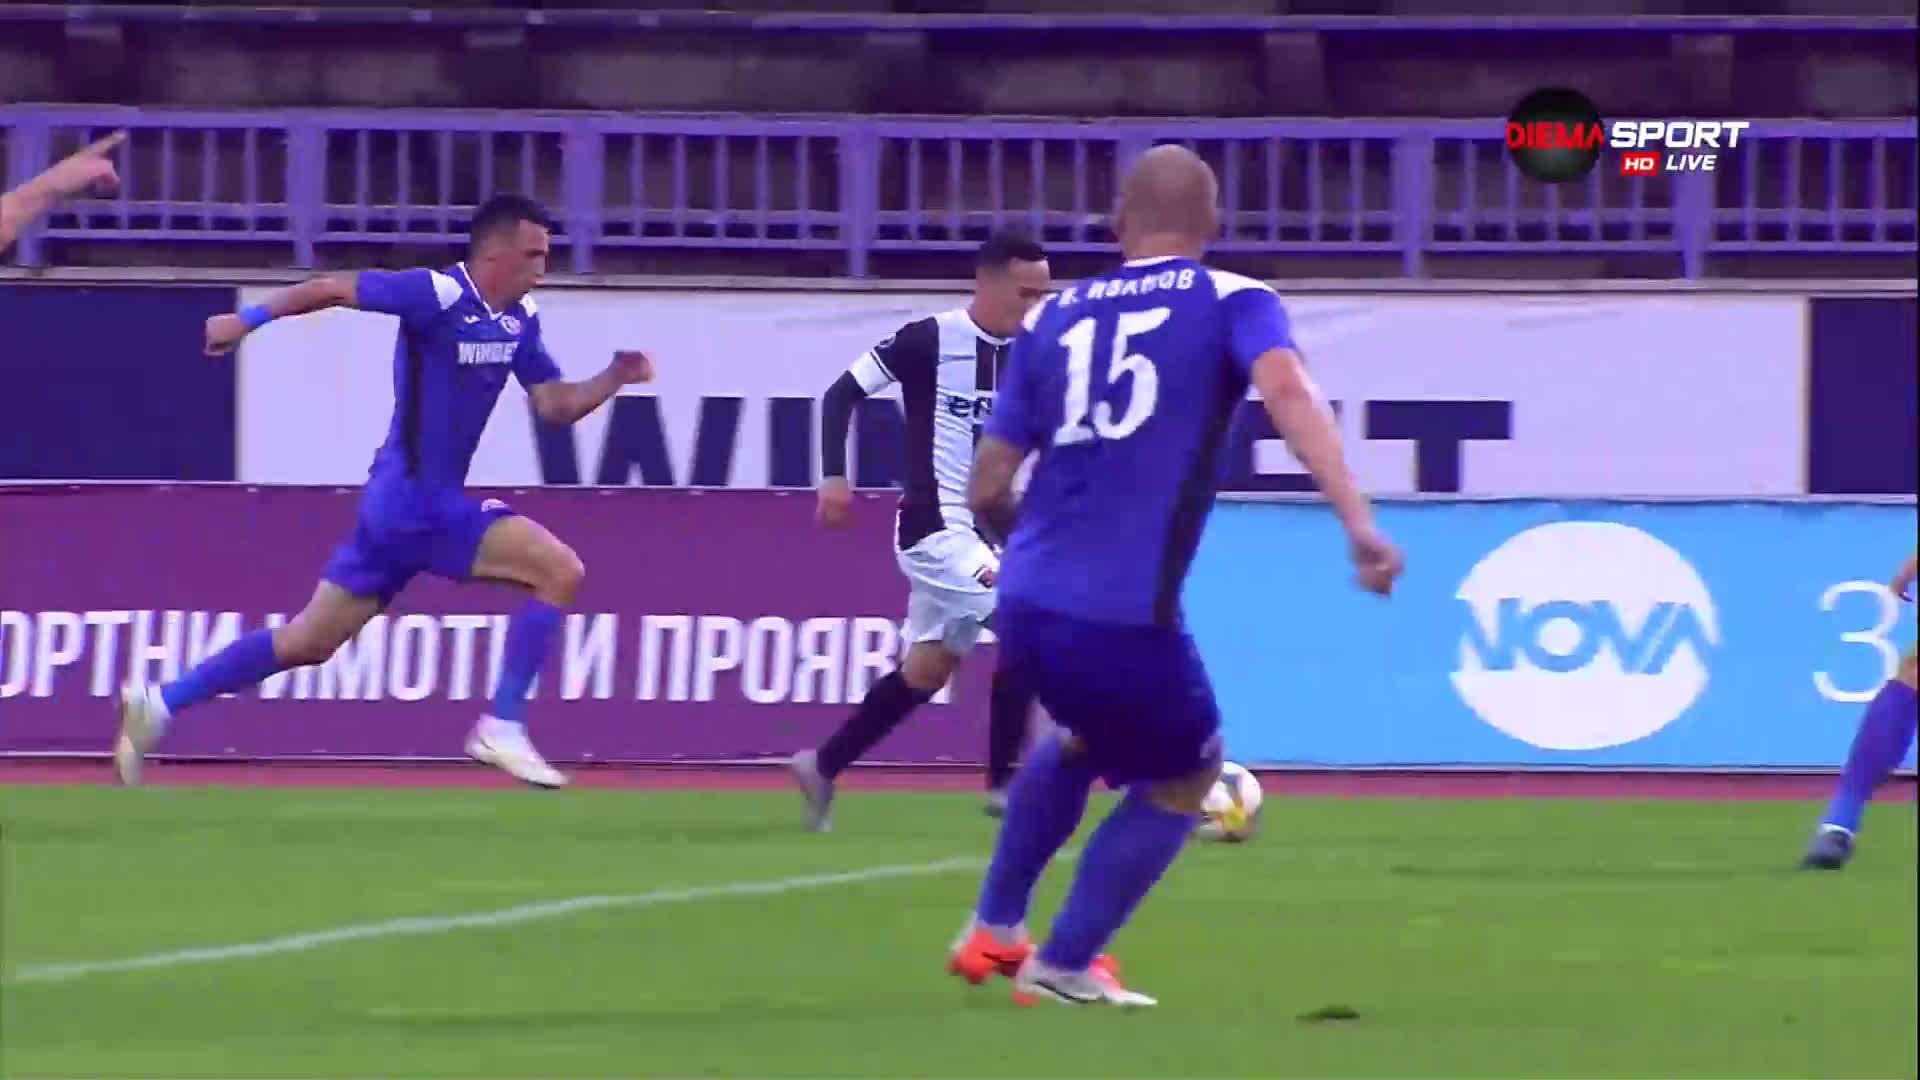 Етър - Локомотив Пд 0:3 /първо полувреме/